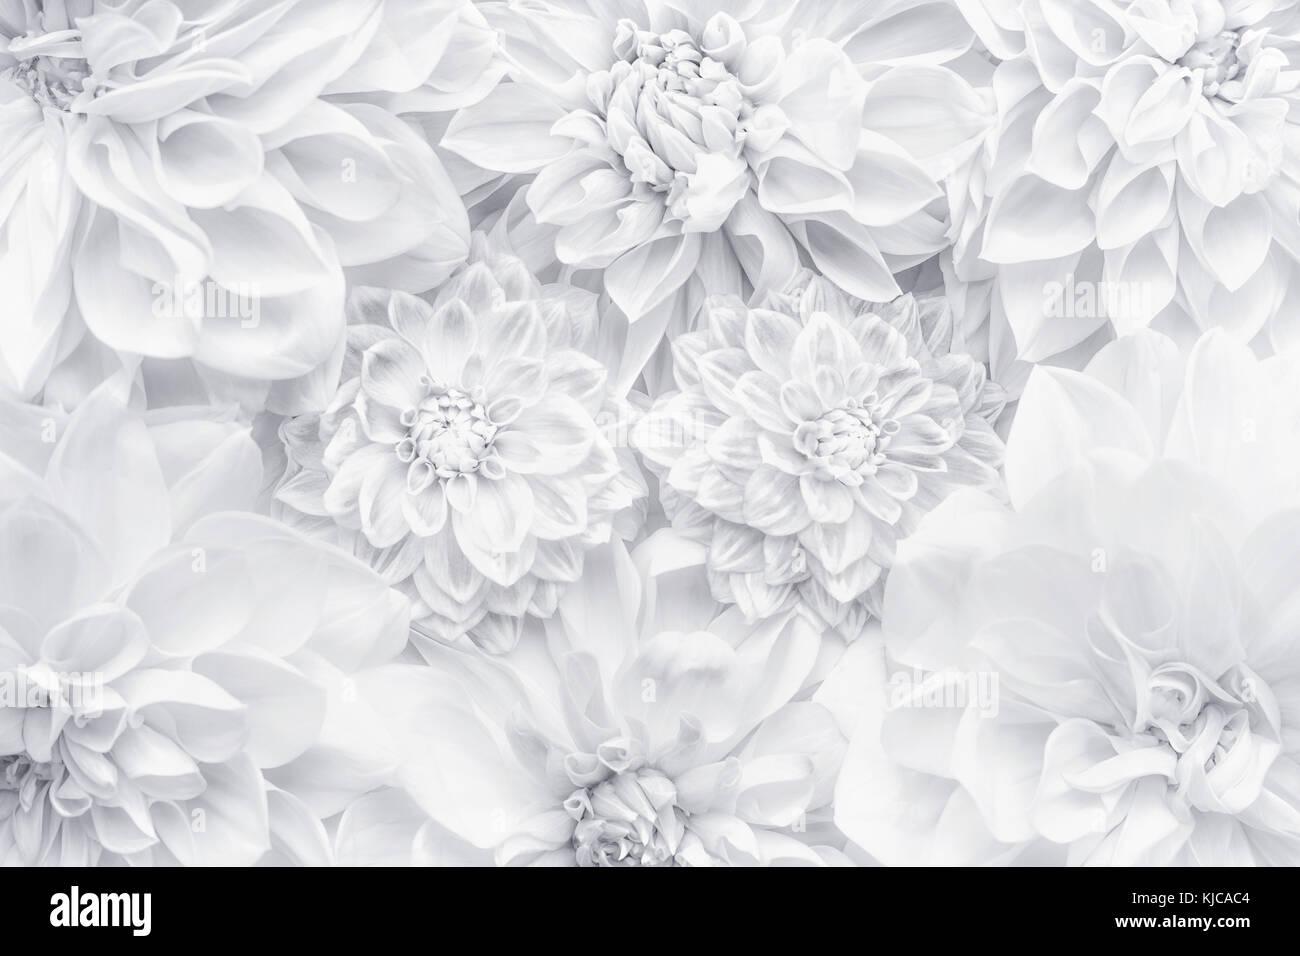 Kreative Weisse Blumen Layout Florales Muster Oder Hintergrundbild